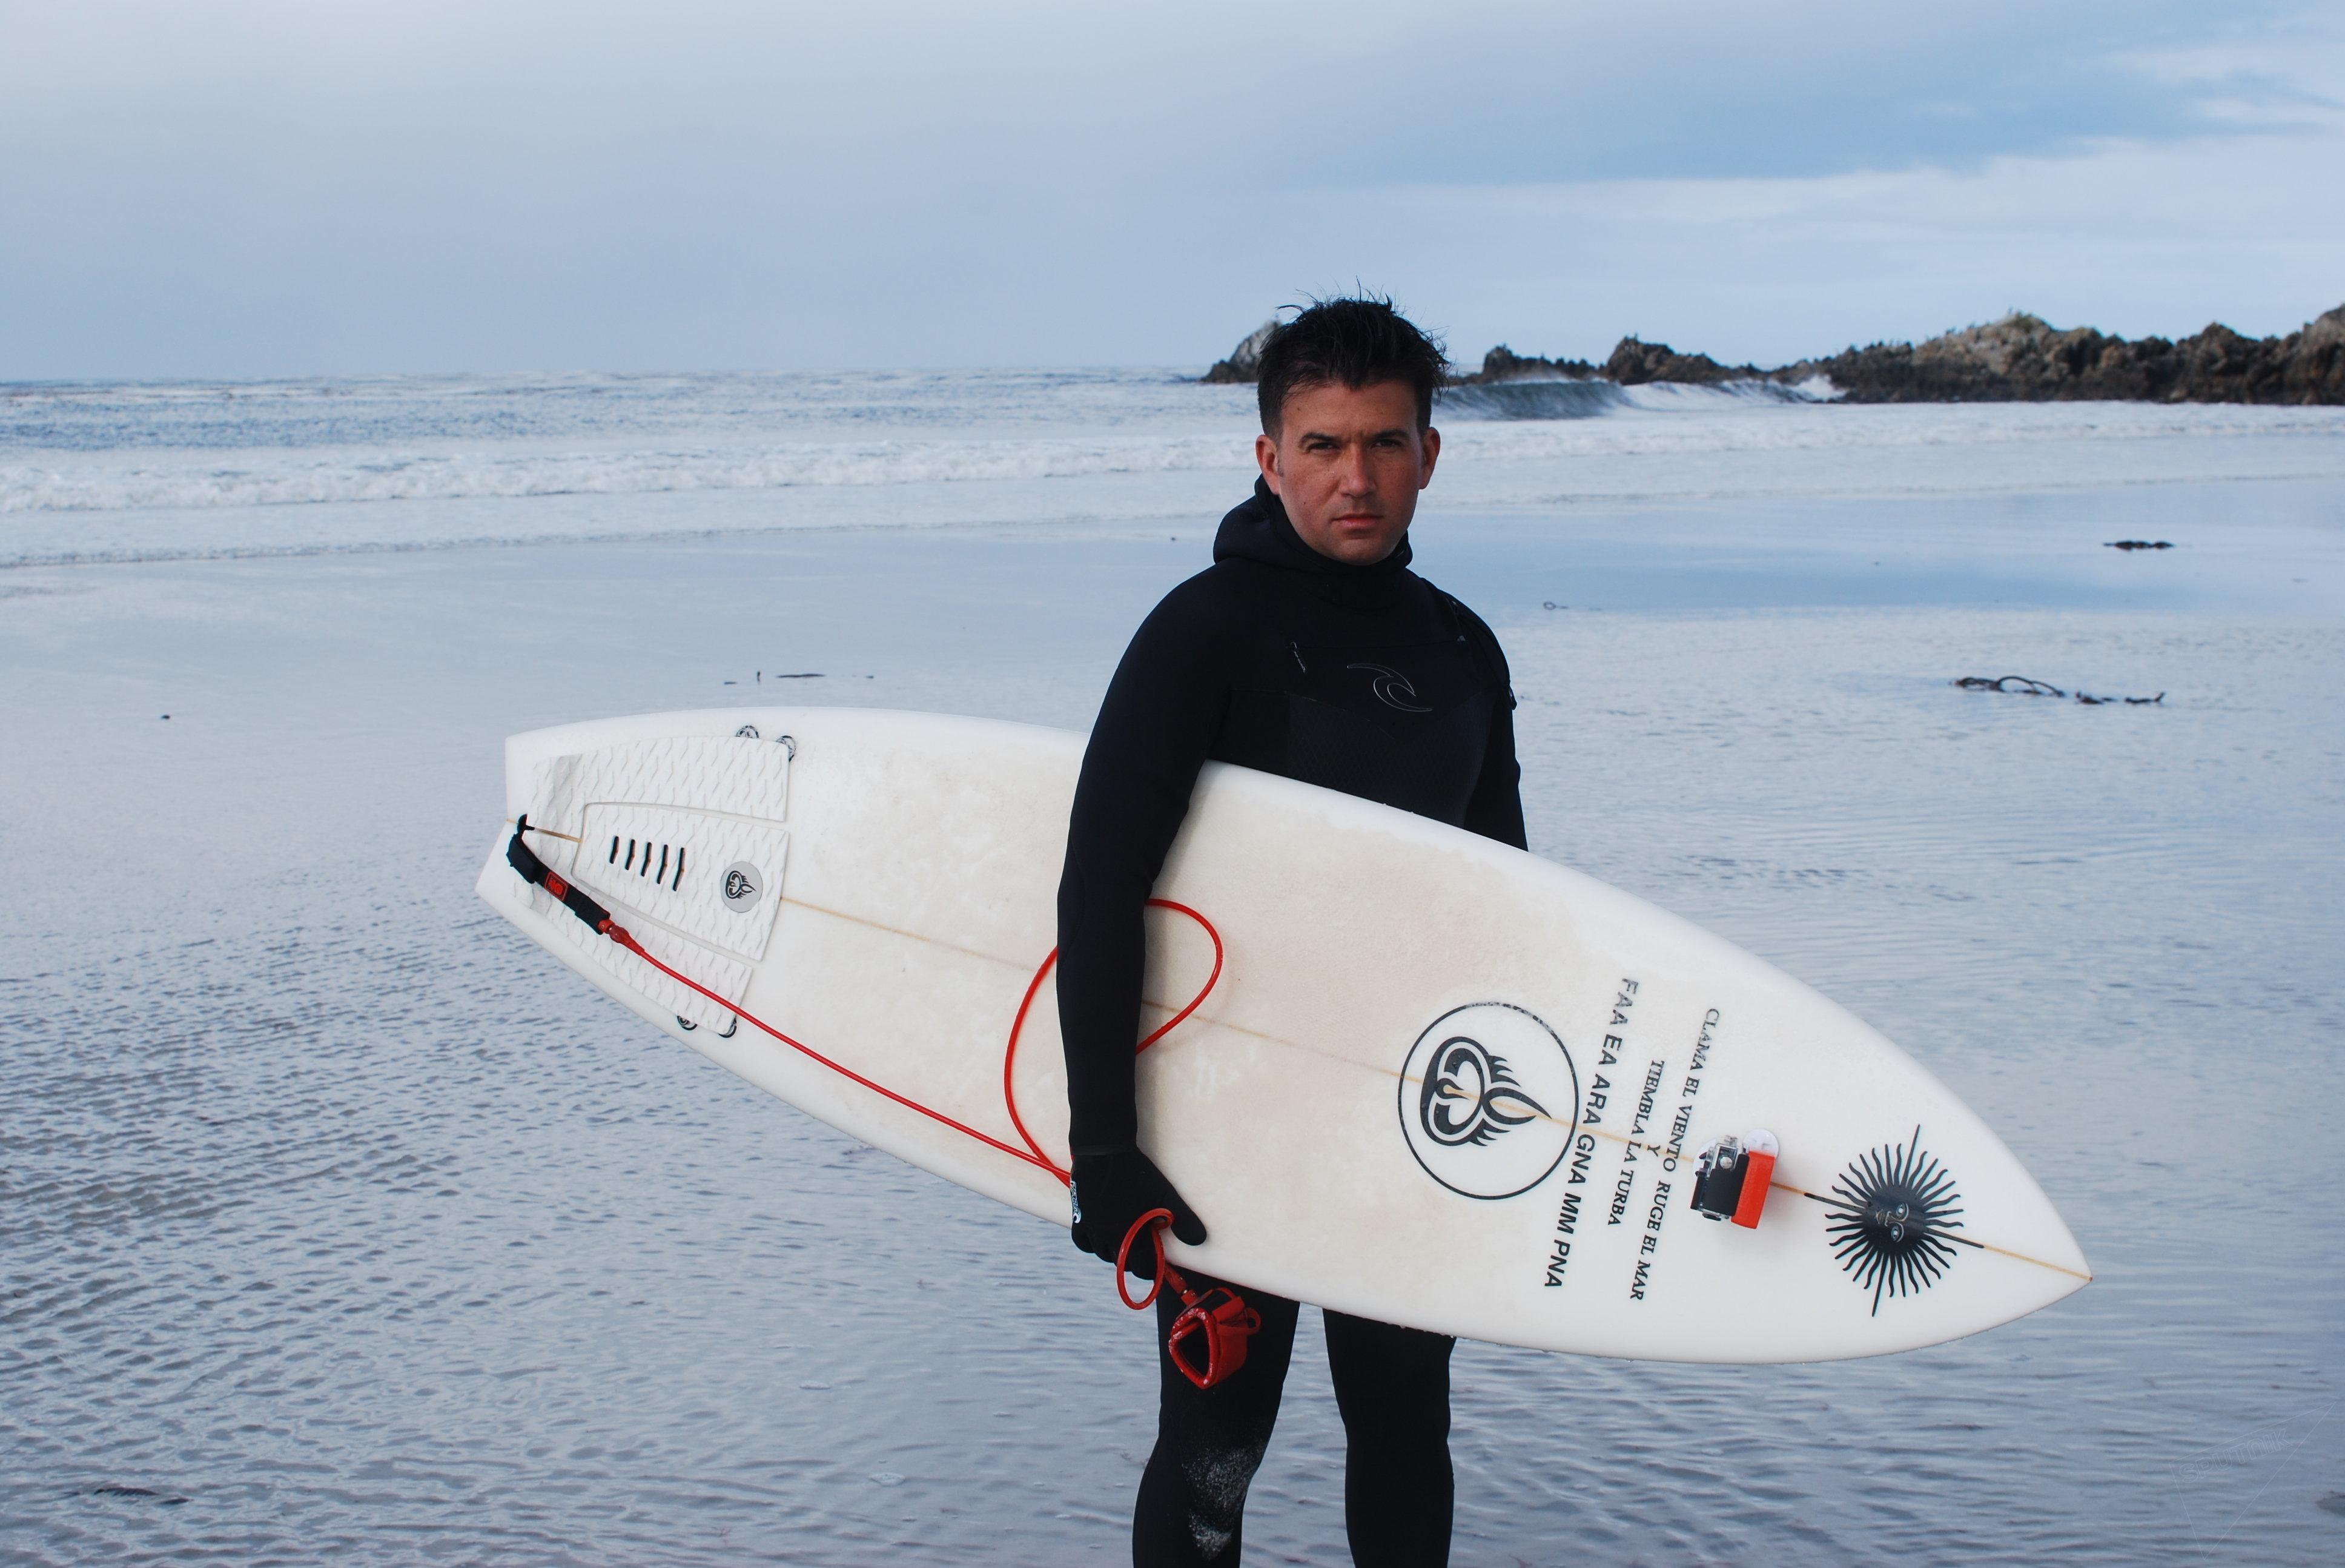 Ezequiel Martel surfea en Malvinas